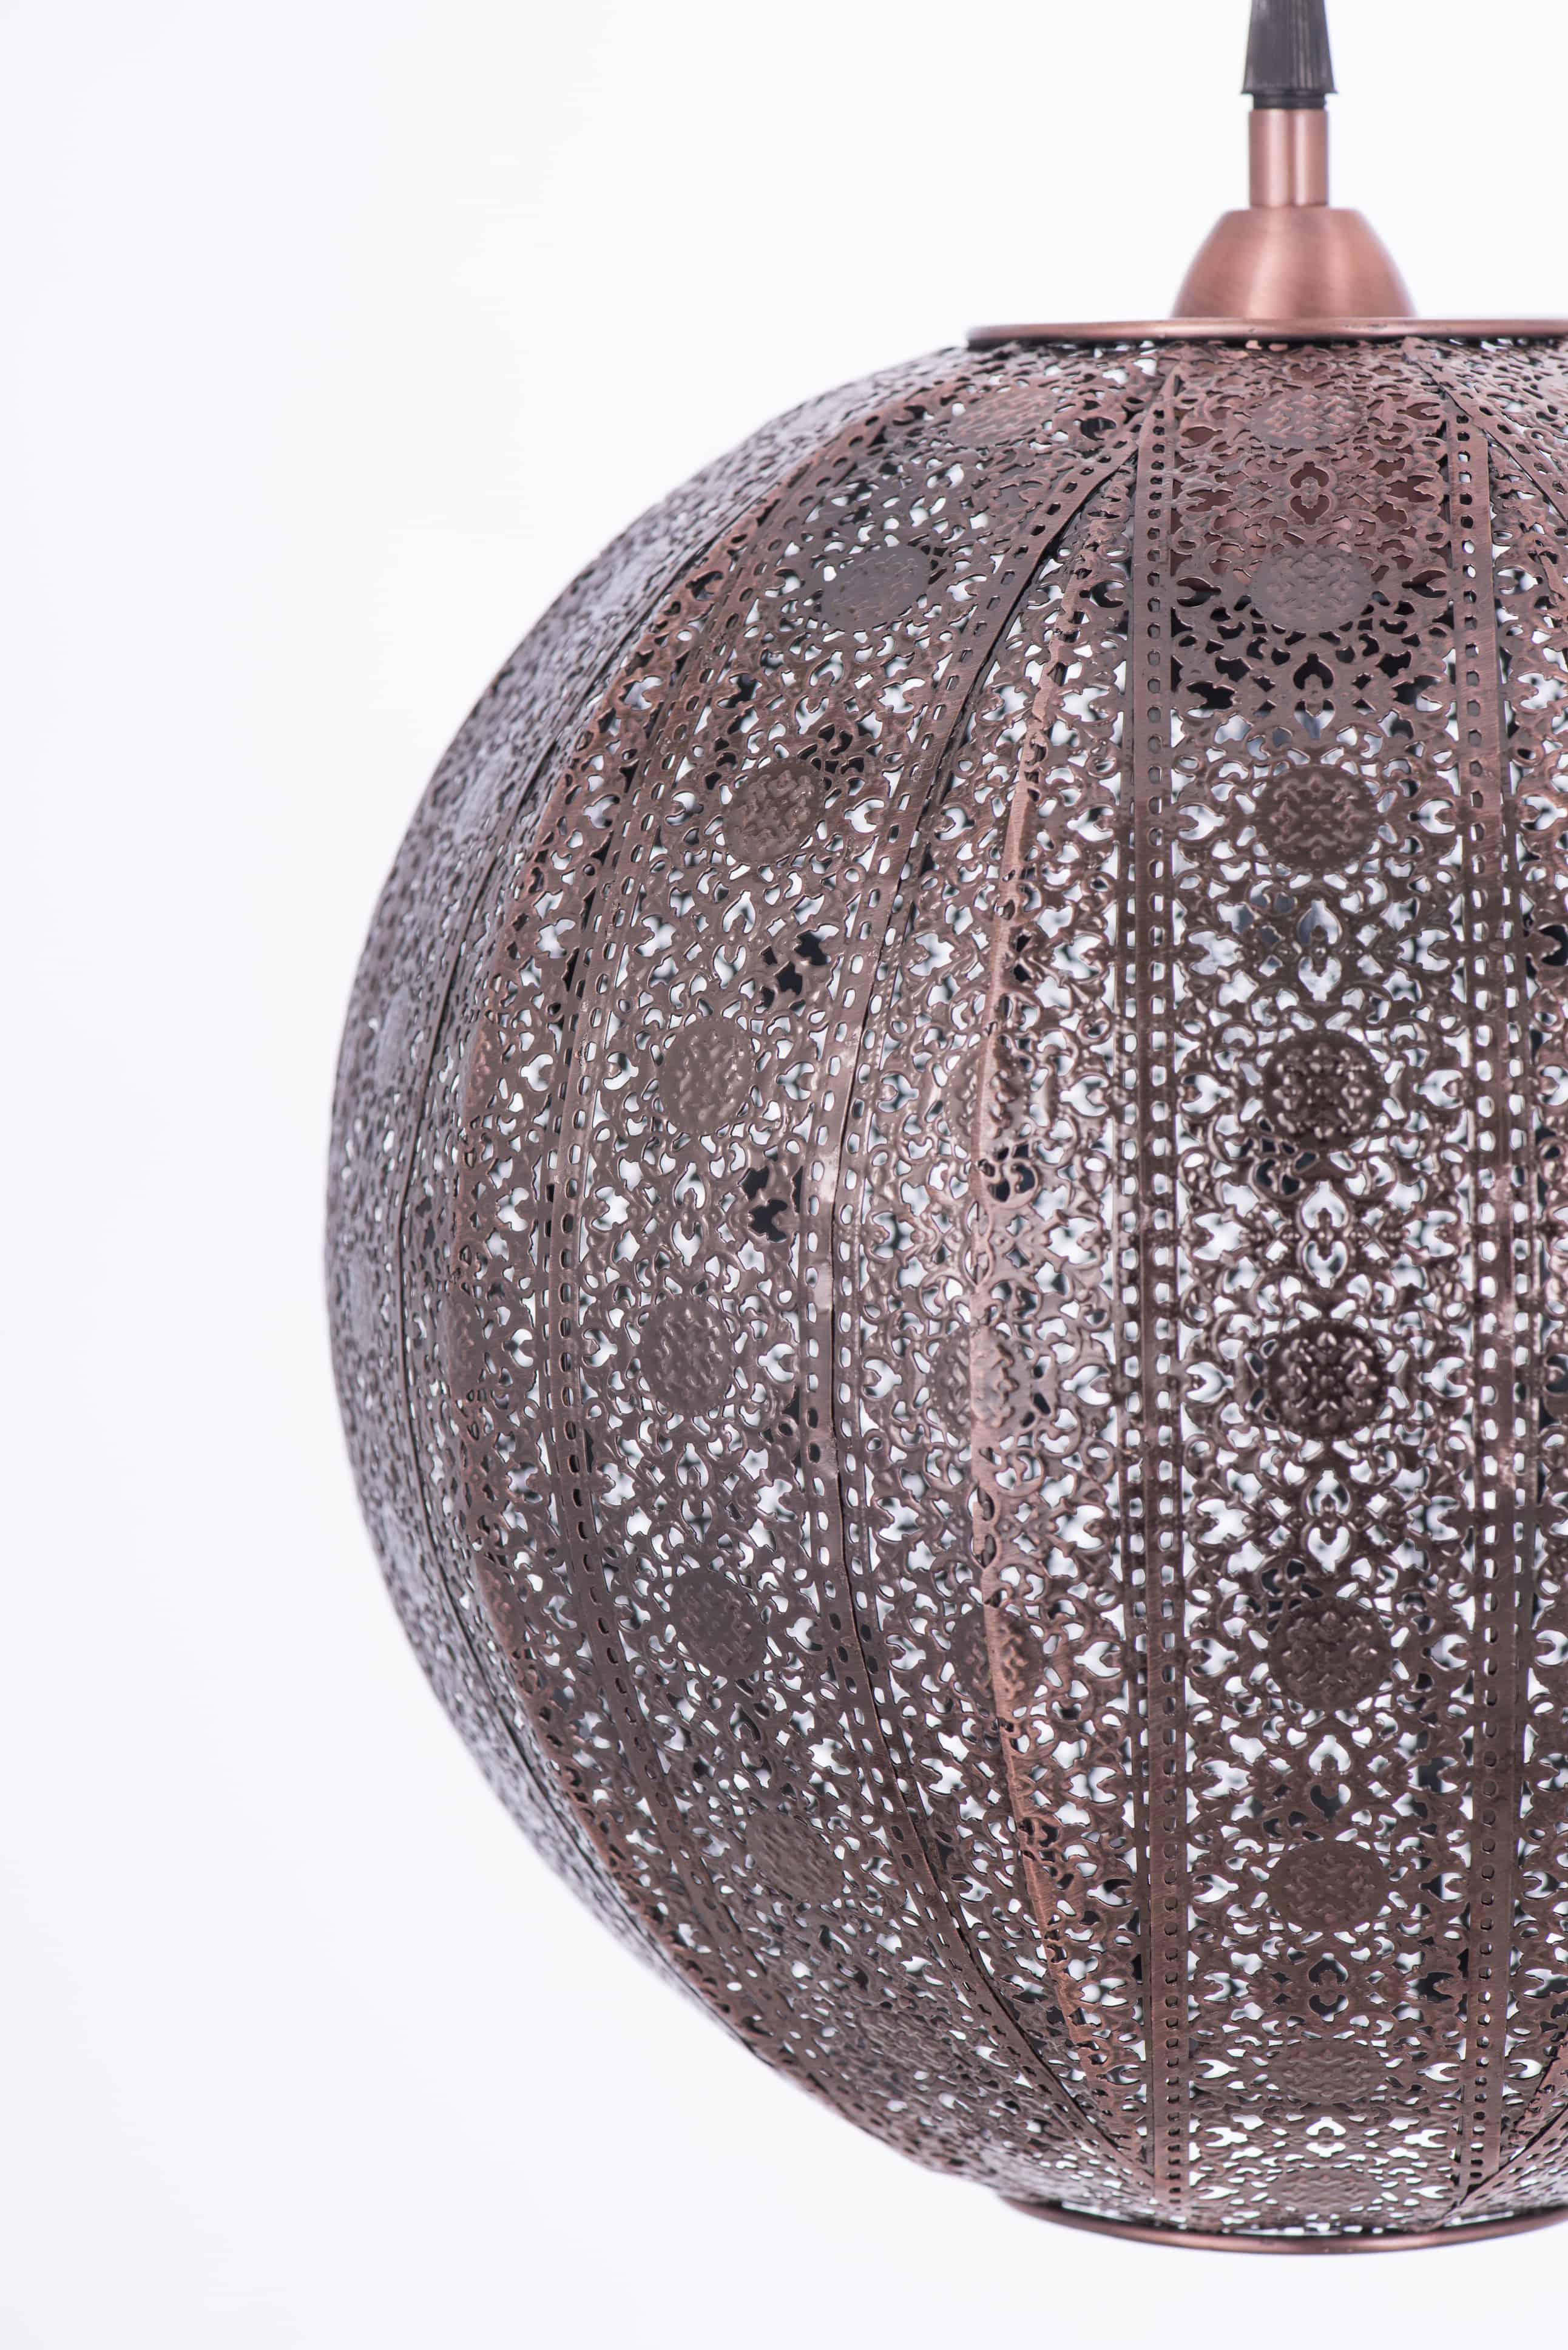 紅銅刷黑蕾絲花邊圓形吊燈-BNL00075 0